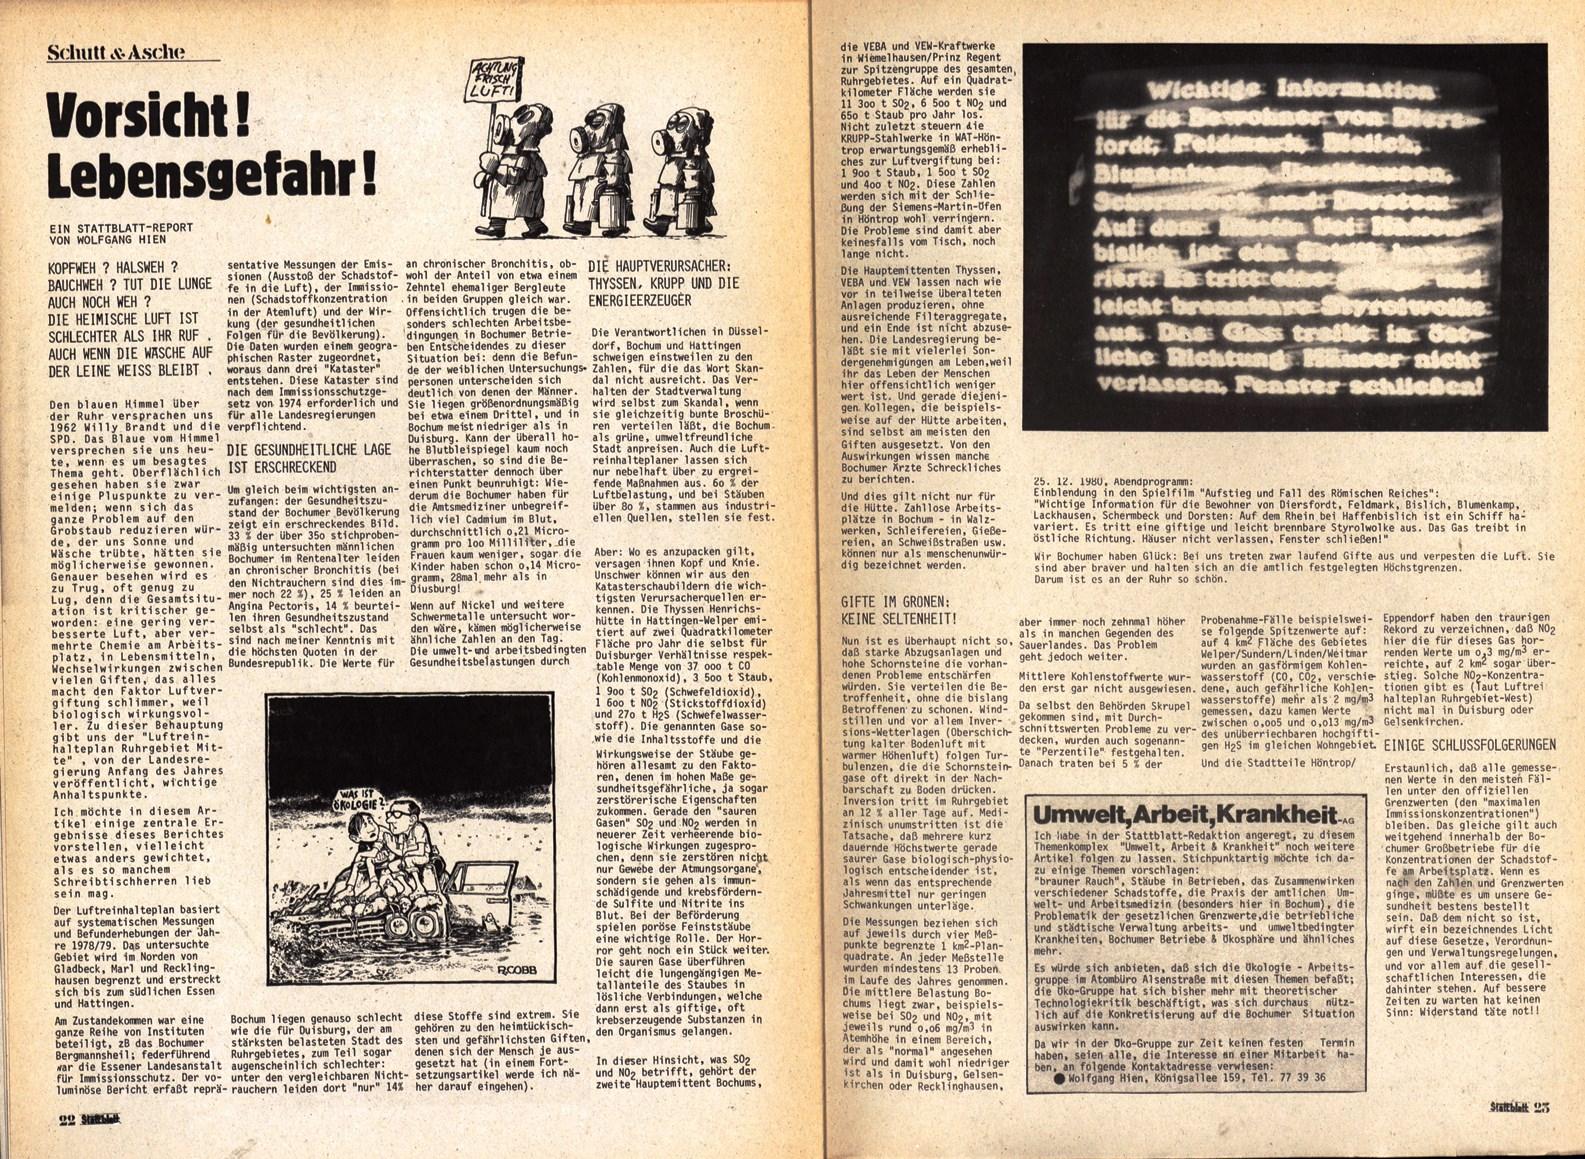 Bochum_Stattblatt_19810500_48_12